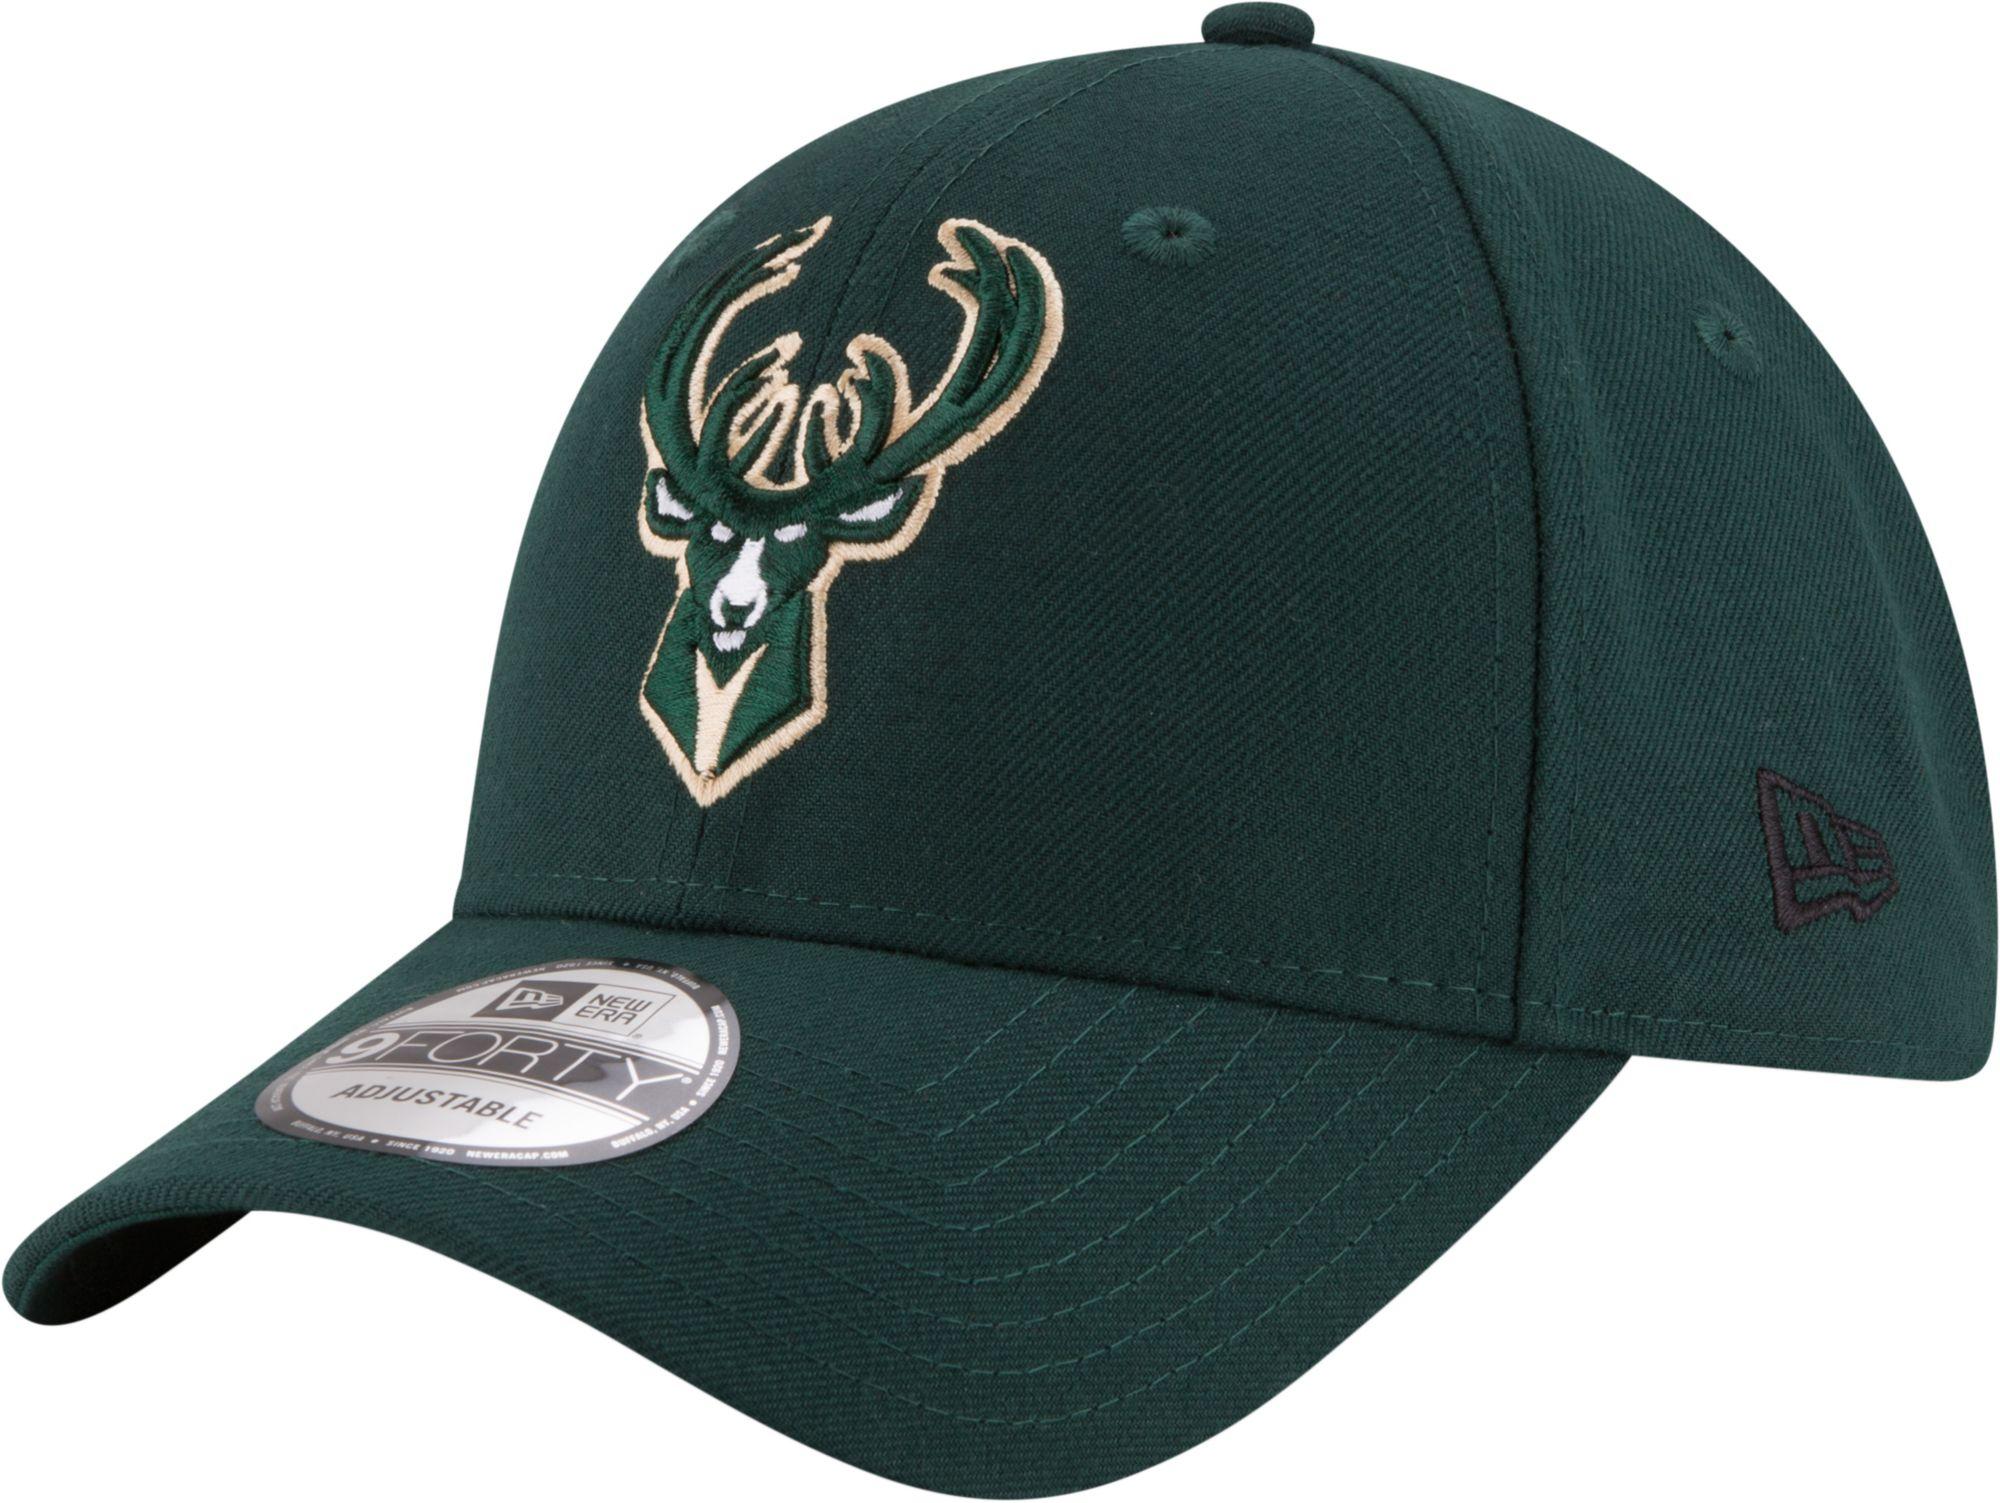 New Era Youth Milwaukee Bucks 9Forty Adjustable Hat, Kids Unisex, Size: One size